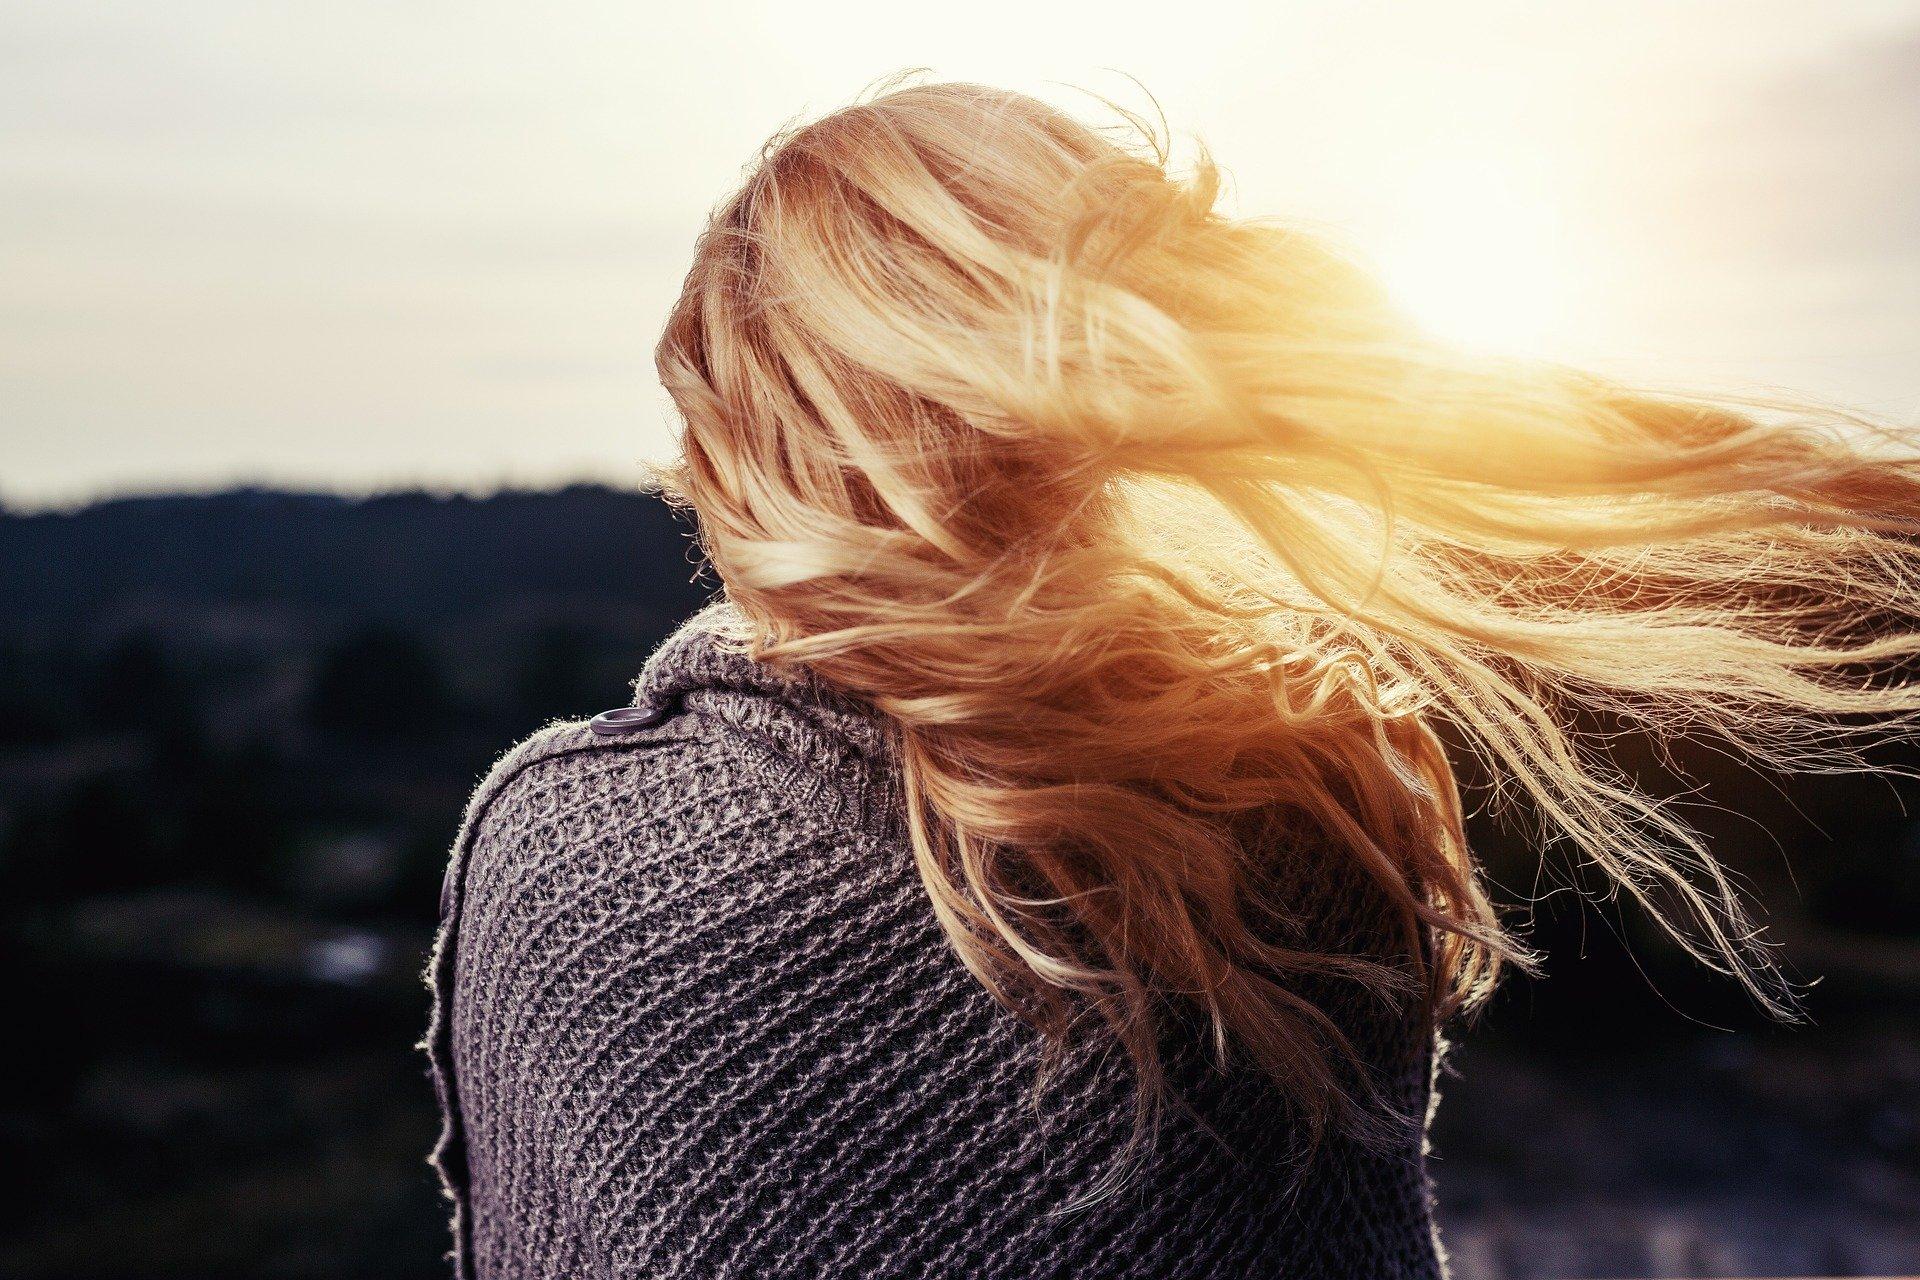 A o kyselém oplachu vlasů jste už slyšeli?